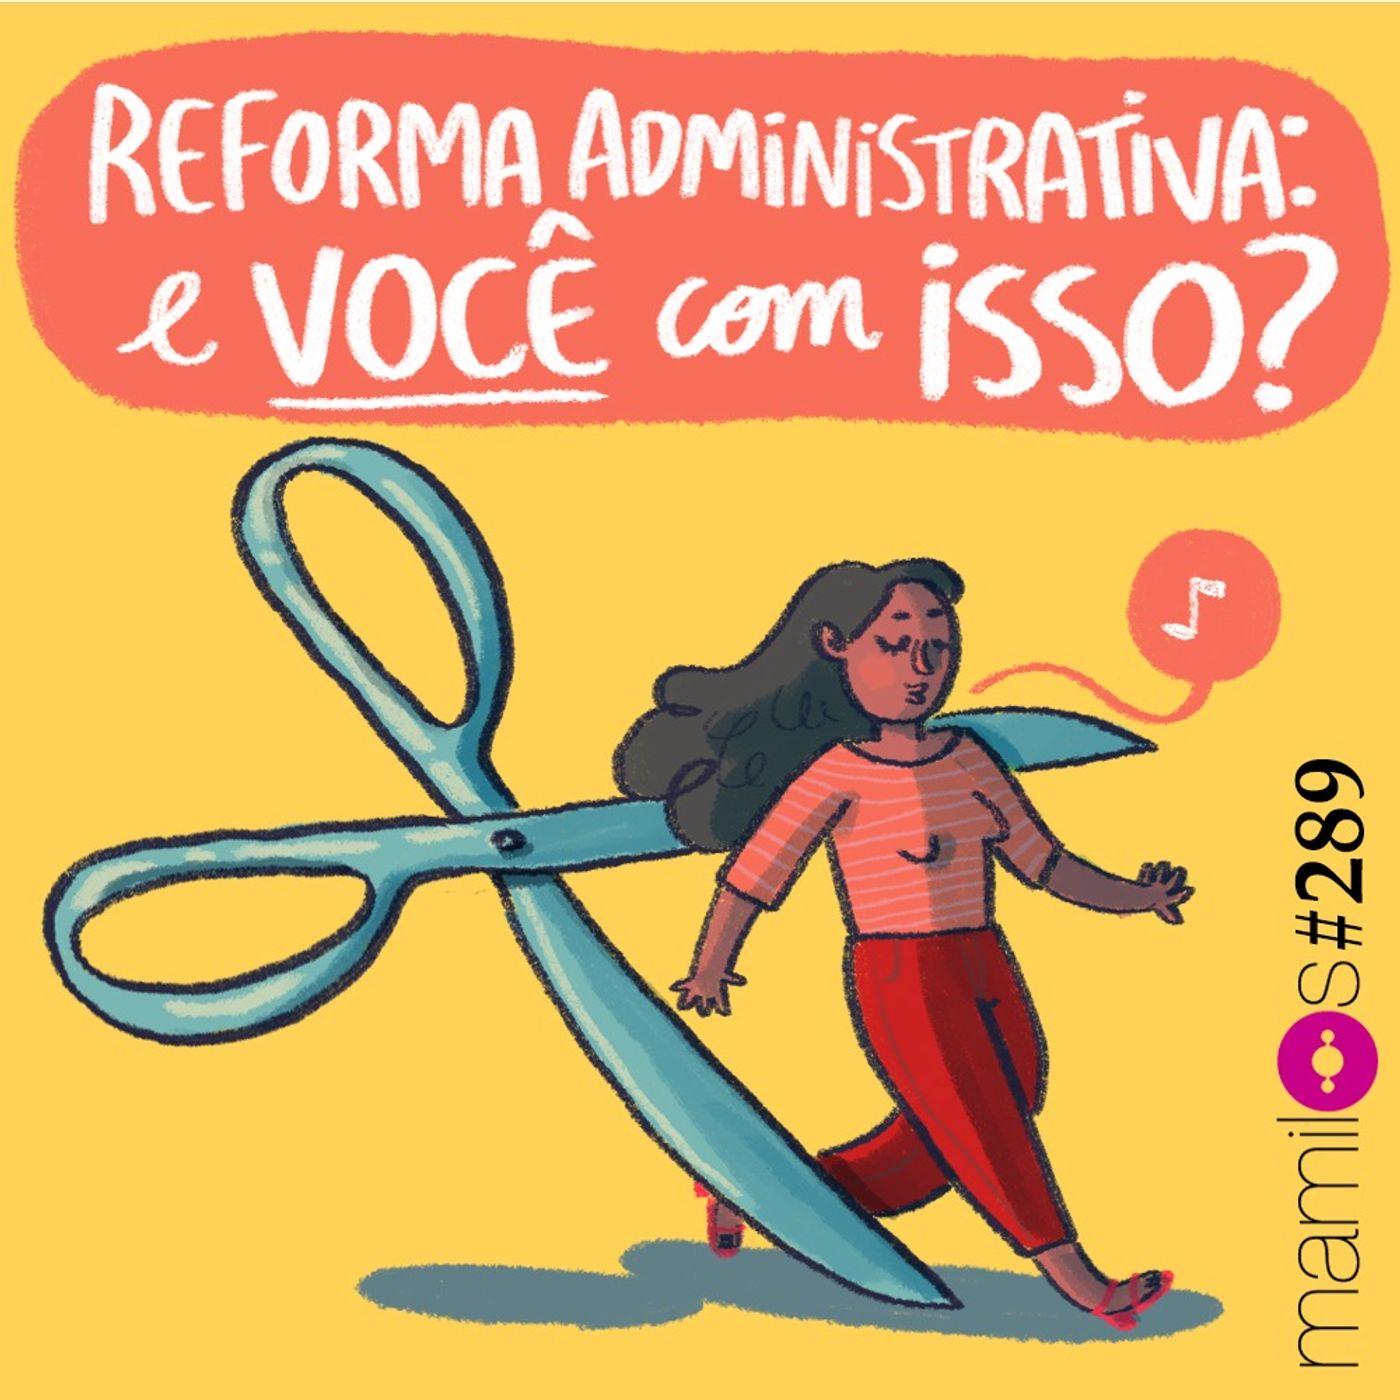 Reforma Administrativa: e você com isso?